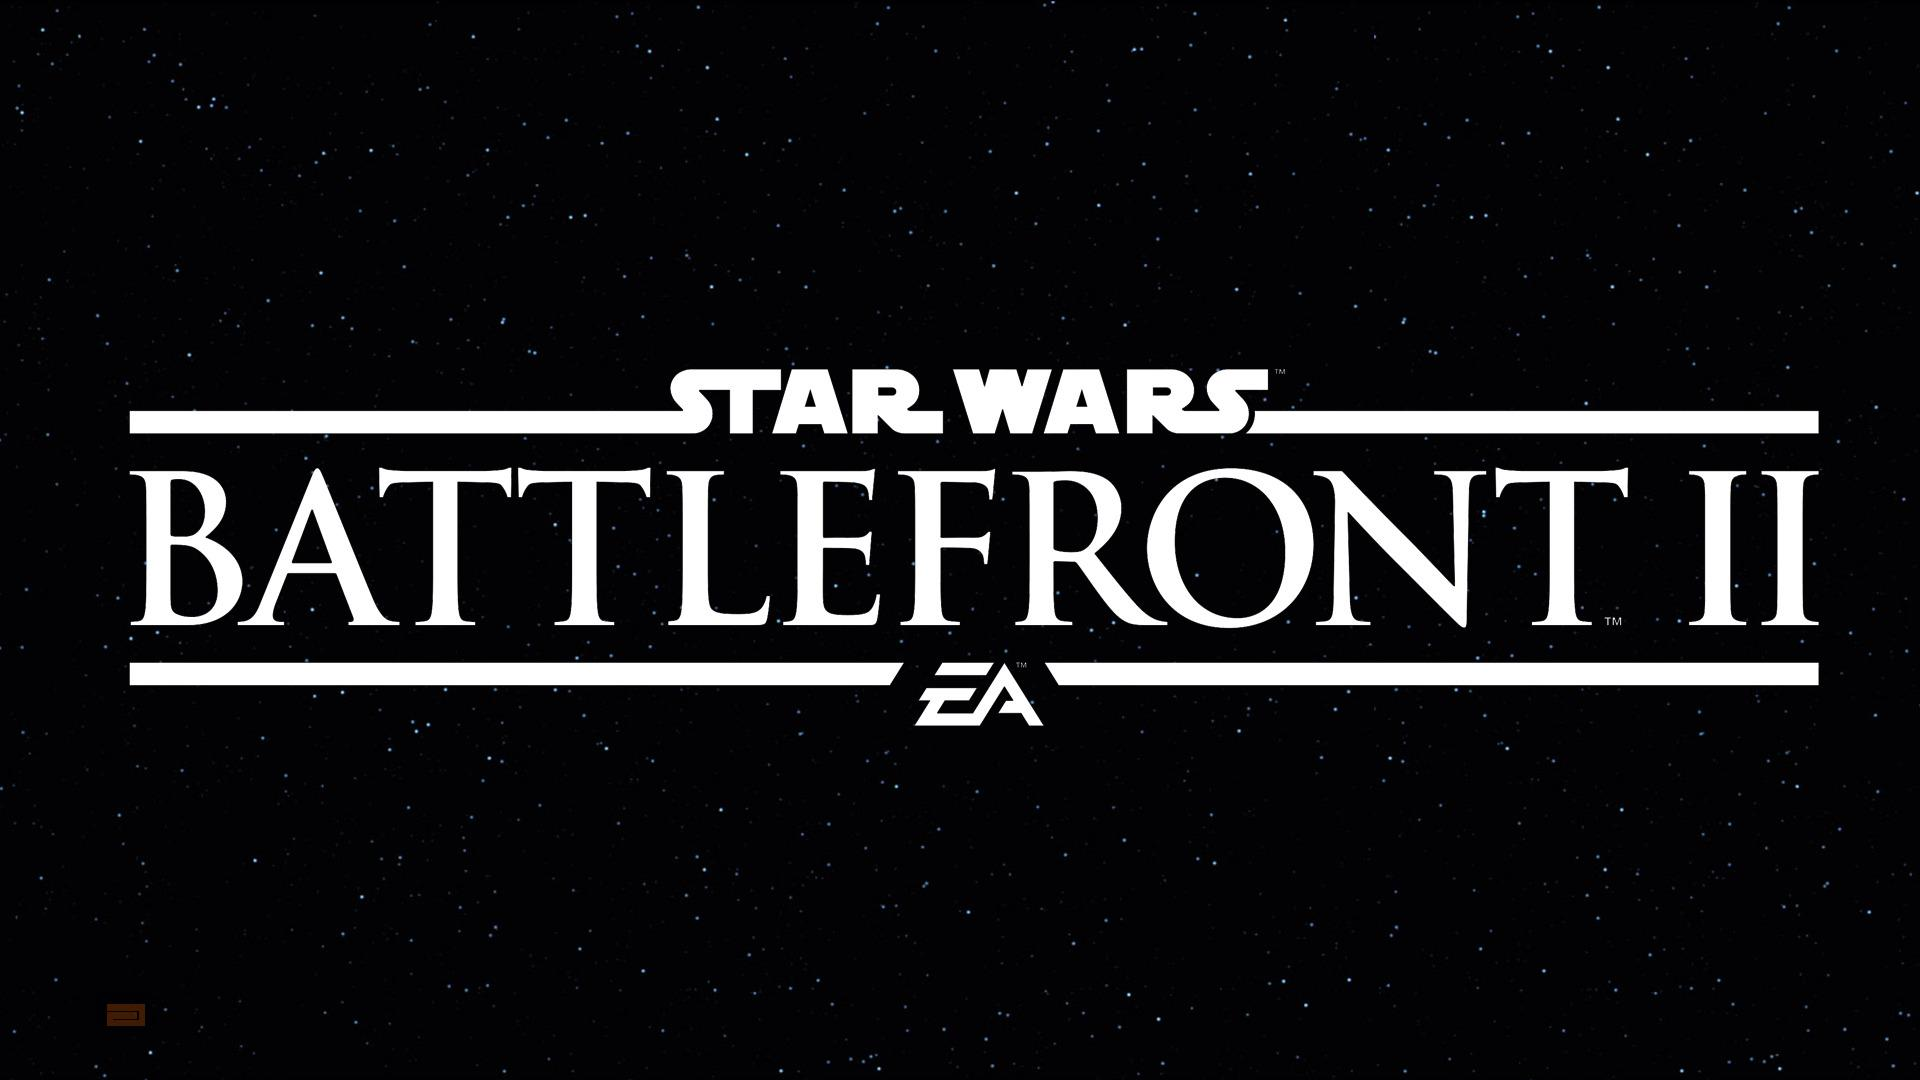 Filtrado el primer tráiler de Star Wars: Battlefront II